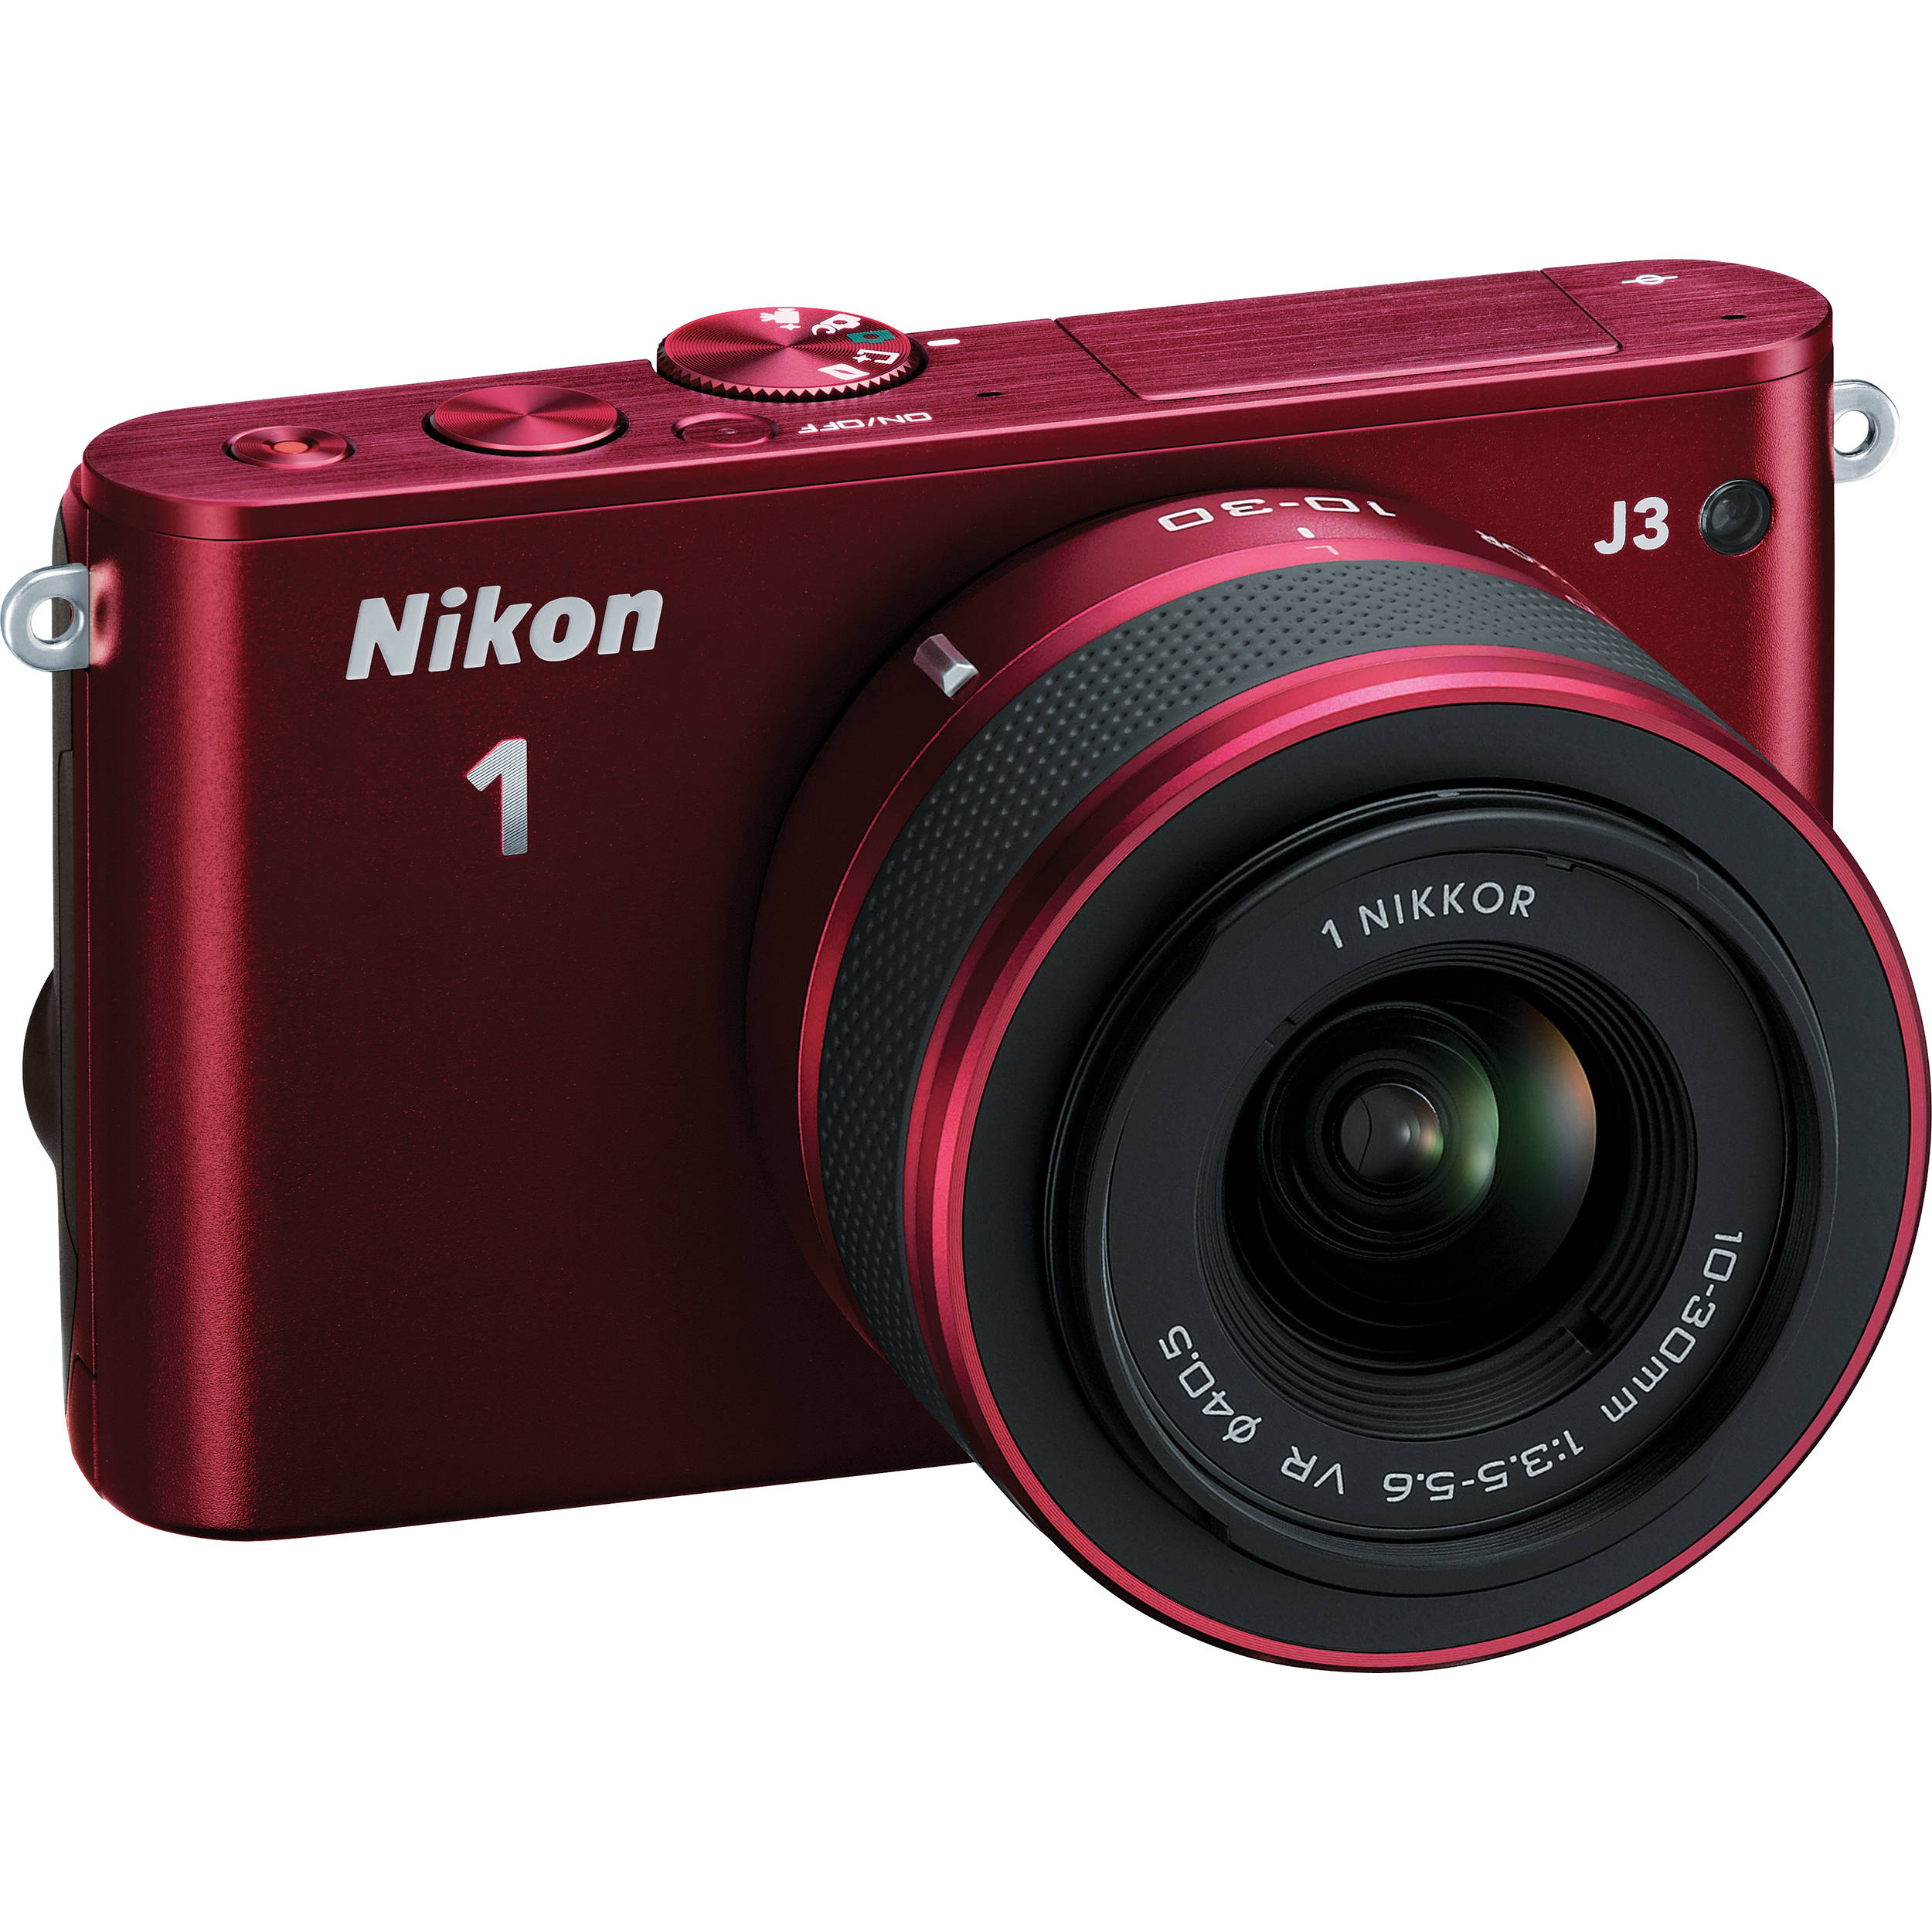 Nikon 1 J4 Recensione, Opinioni e Rapporto Qualità/Prezzo